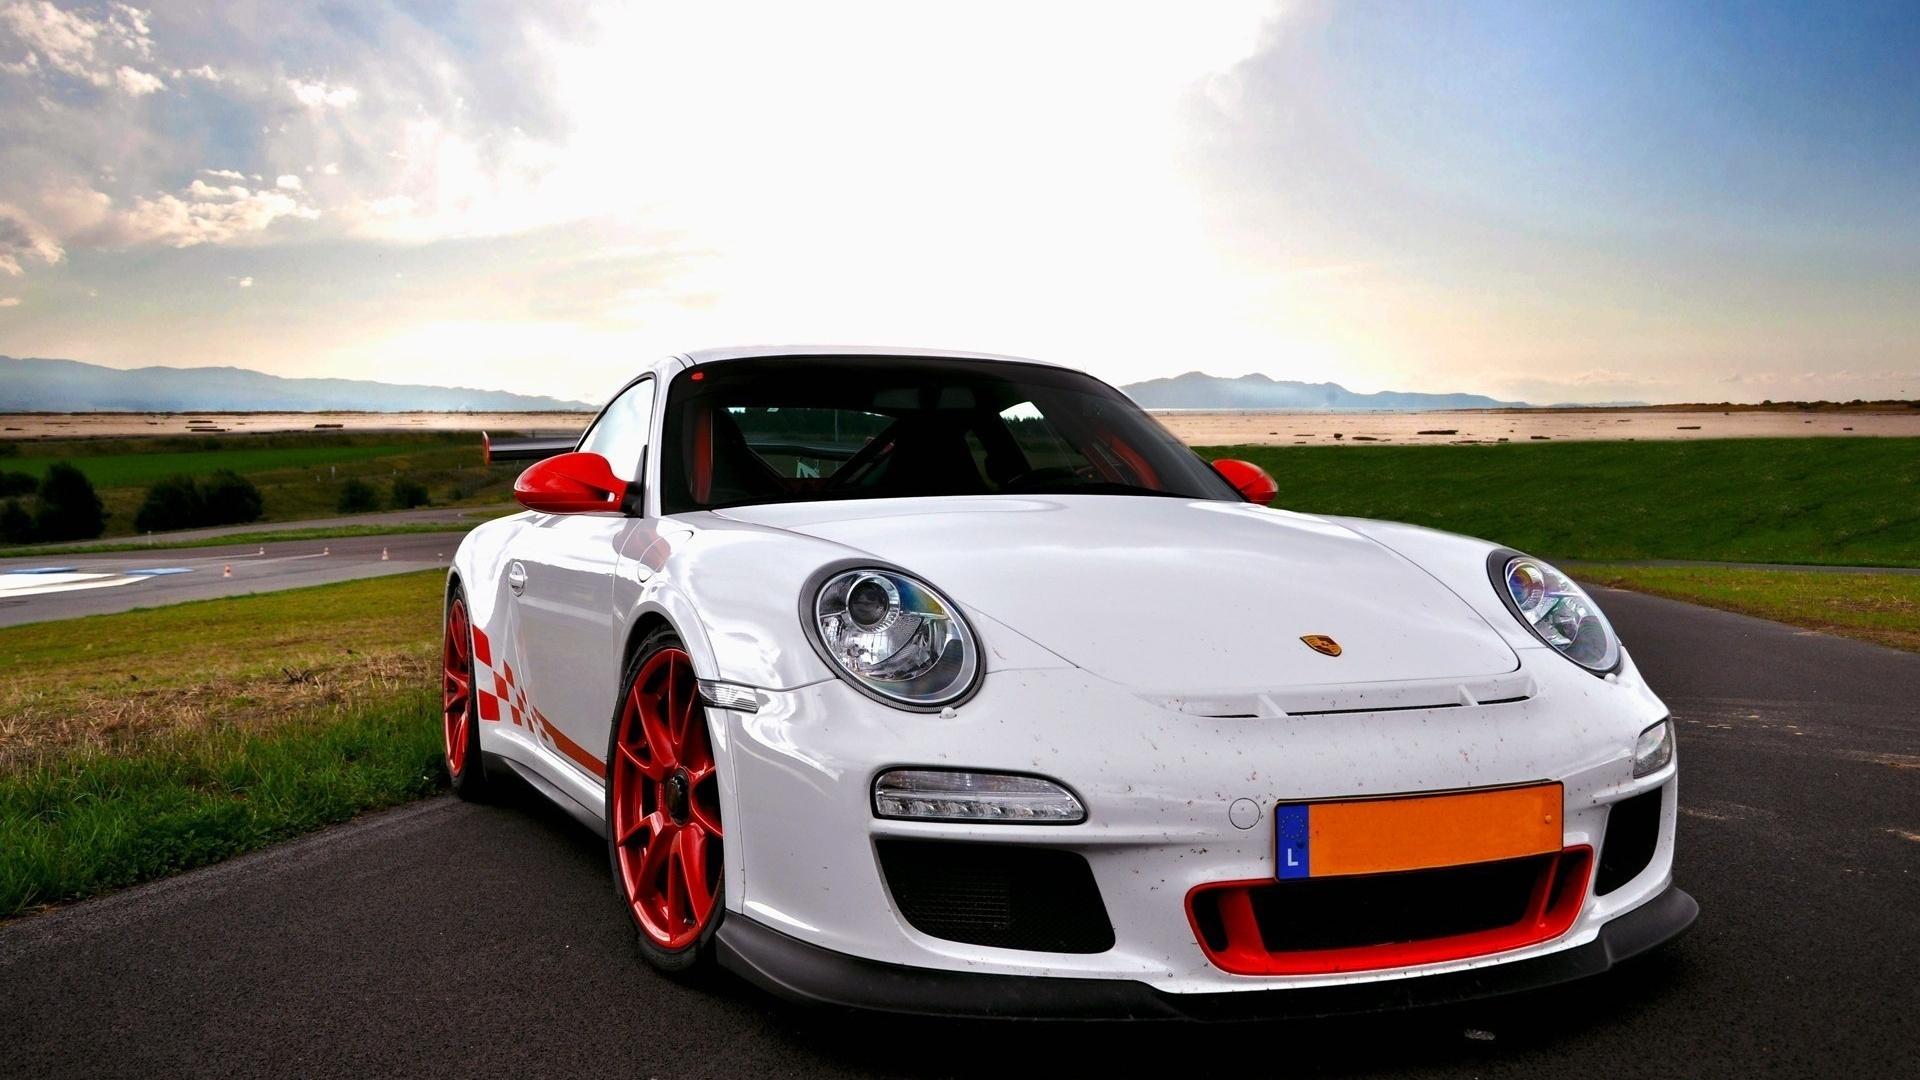 Porsche Gt3 Rs Blue 1920 X 1080: Porsche 911 On Road Wallpapers